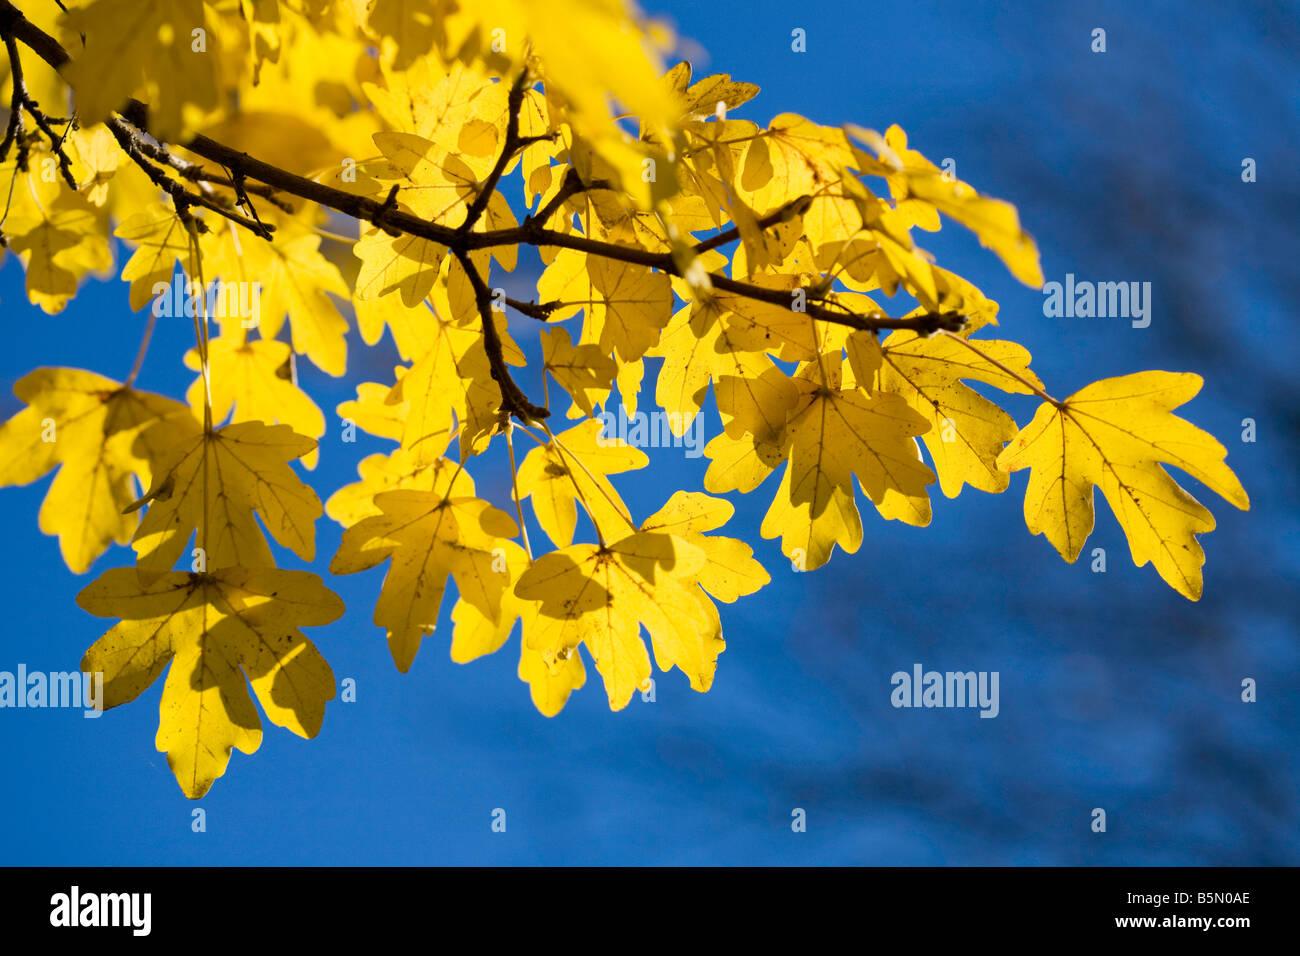 Feld-Ahorn im Herbst gegen strahlend blauem Himmel Stockbild